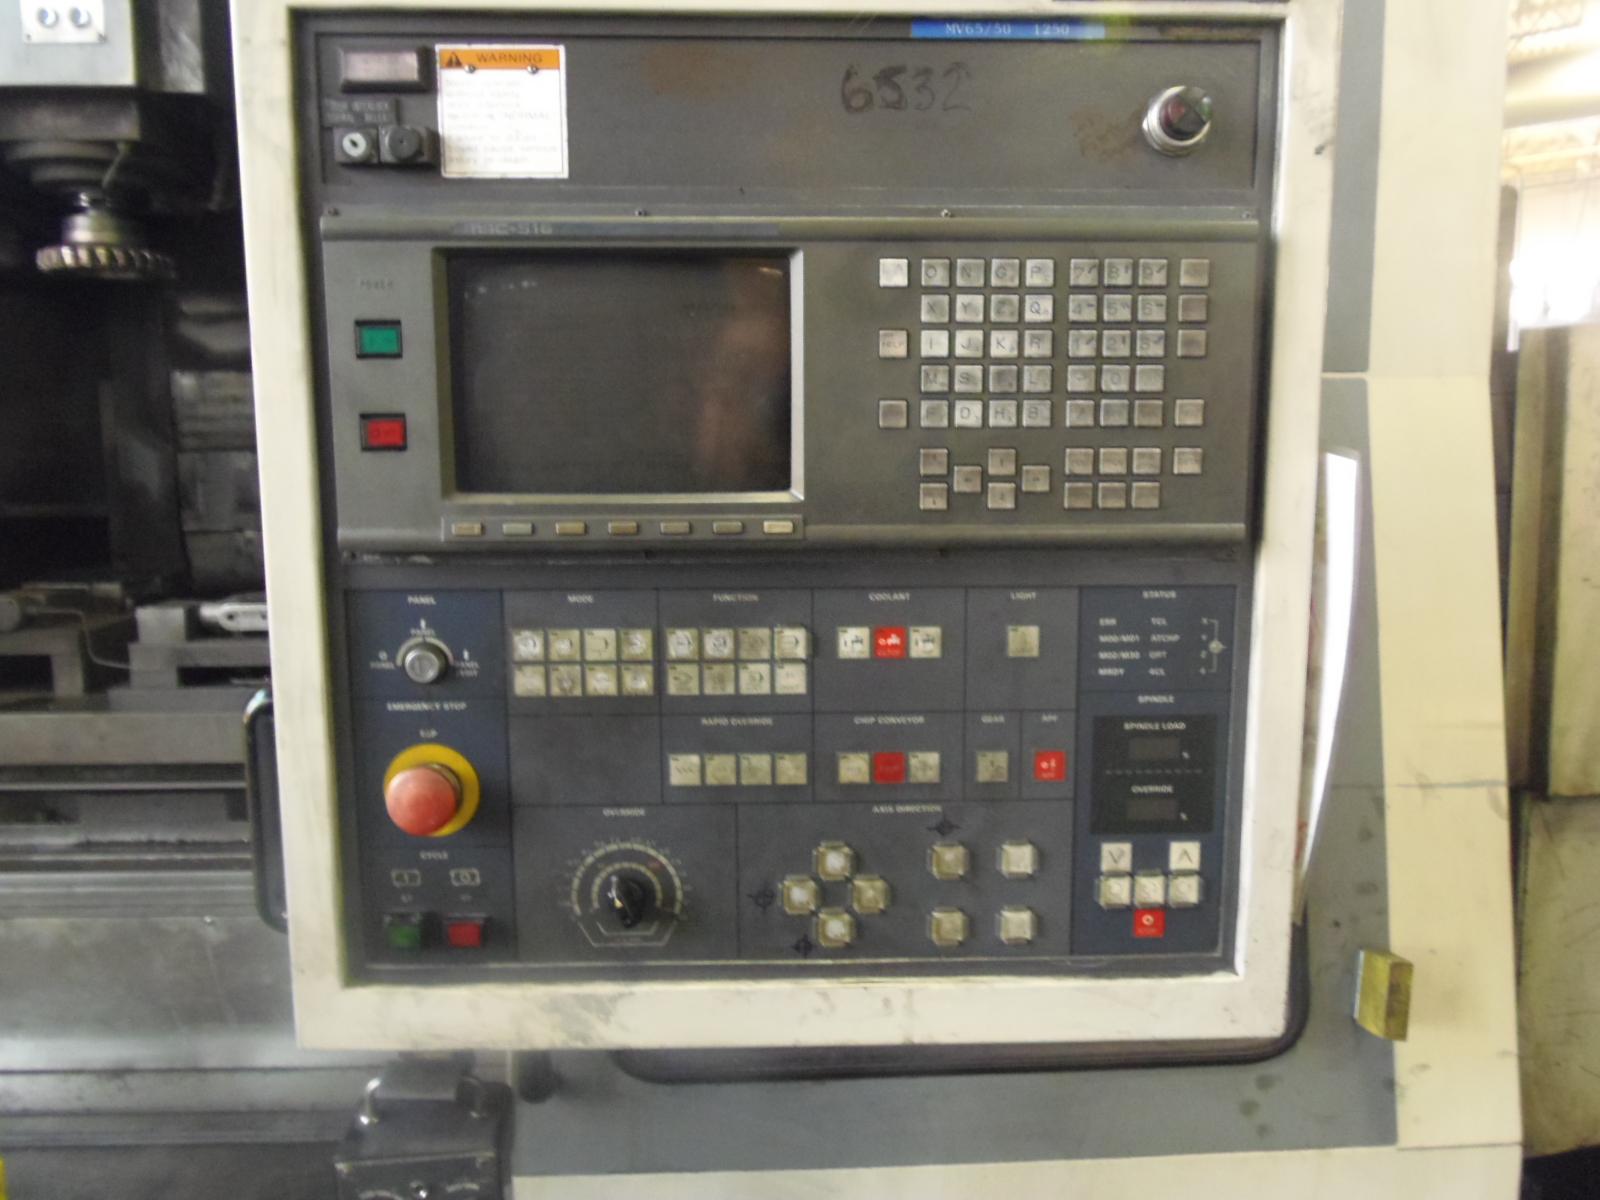 MORI SEIKI MV-65, PALLET CHANGER,  MSC-516 CONTROL (FANUC 16M), 60 X 25 X 25 TRVLS, 40 ATC, 25 HP, 4000 RPM